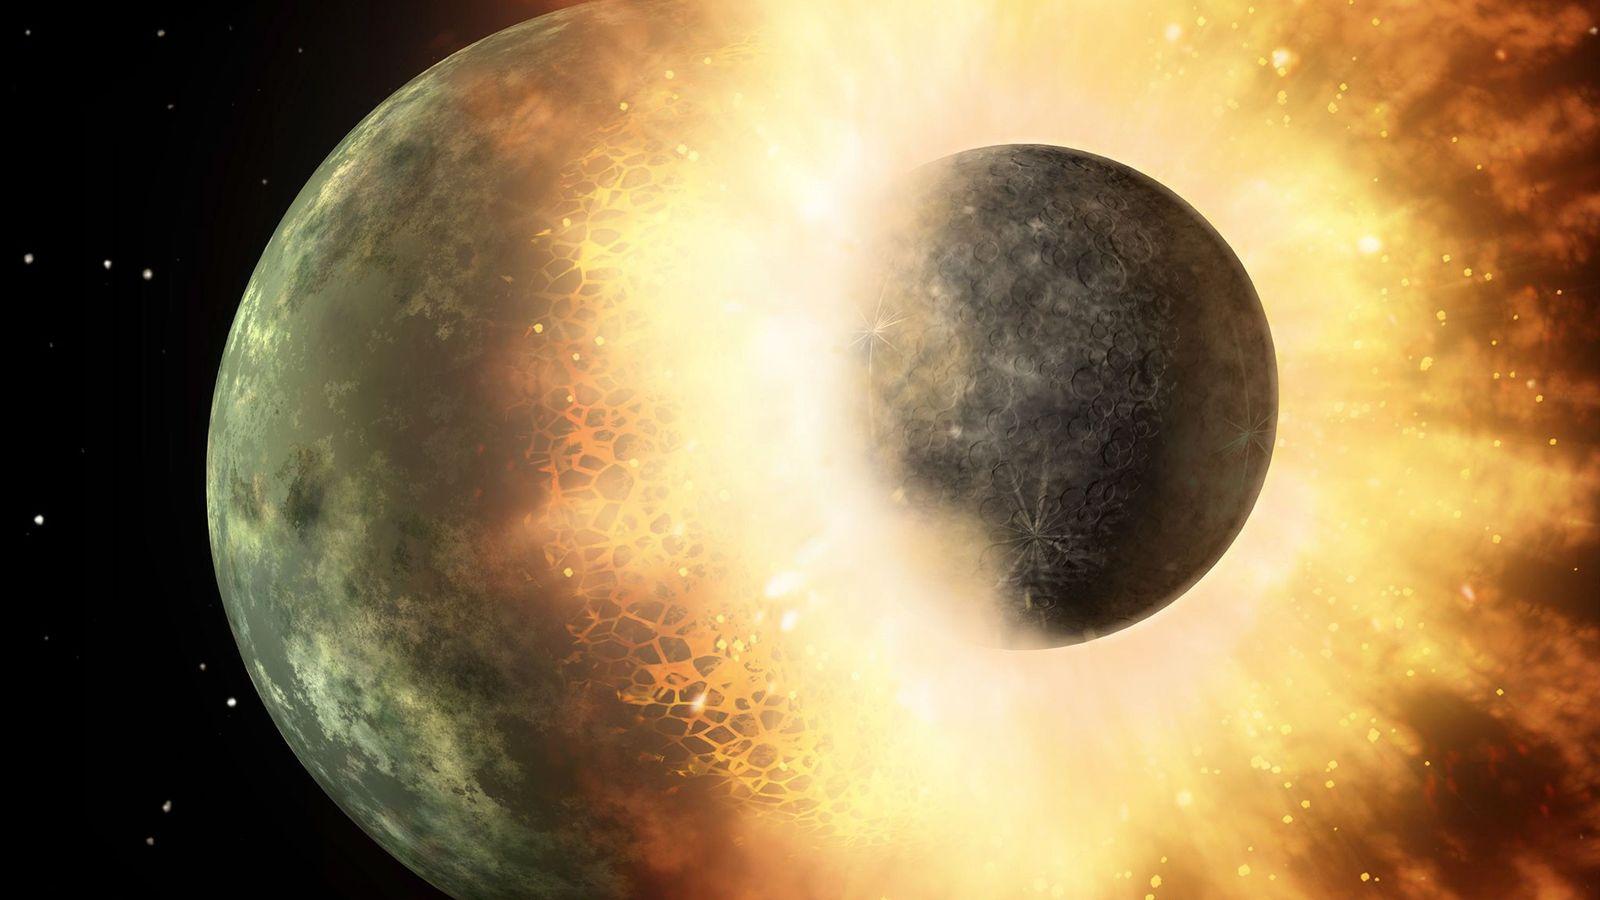 Ein Objekt von der Größe unseres Mondes schlägt in dieser Illustration der NASA in einen Planeten ...